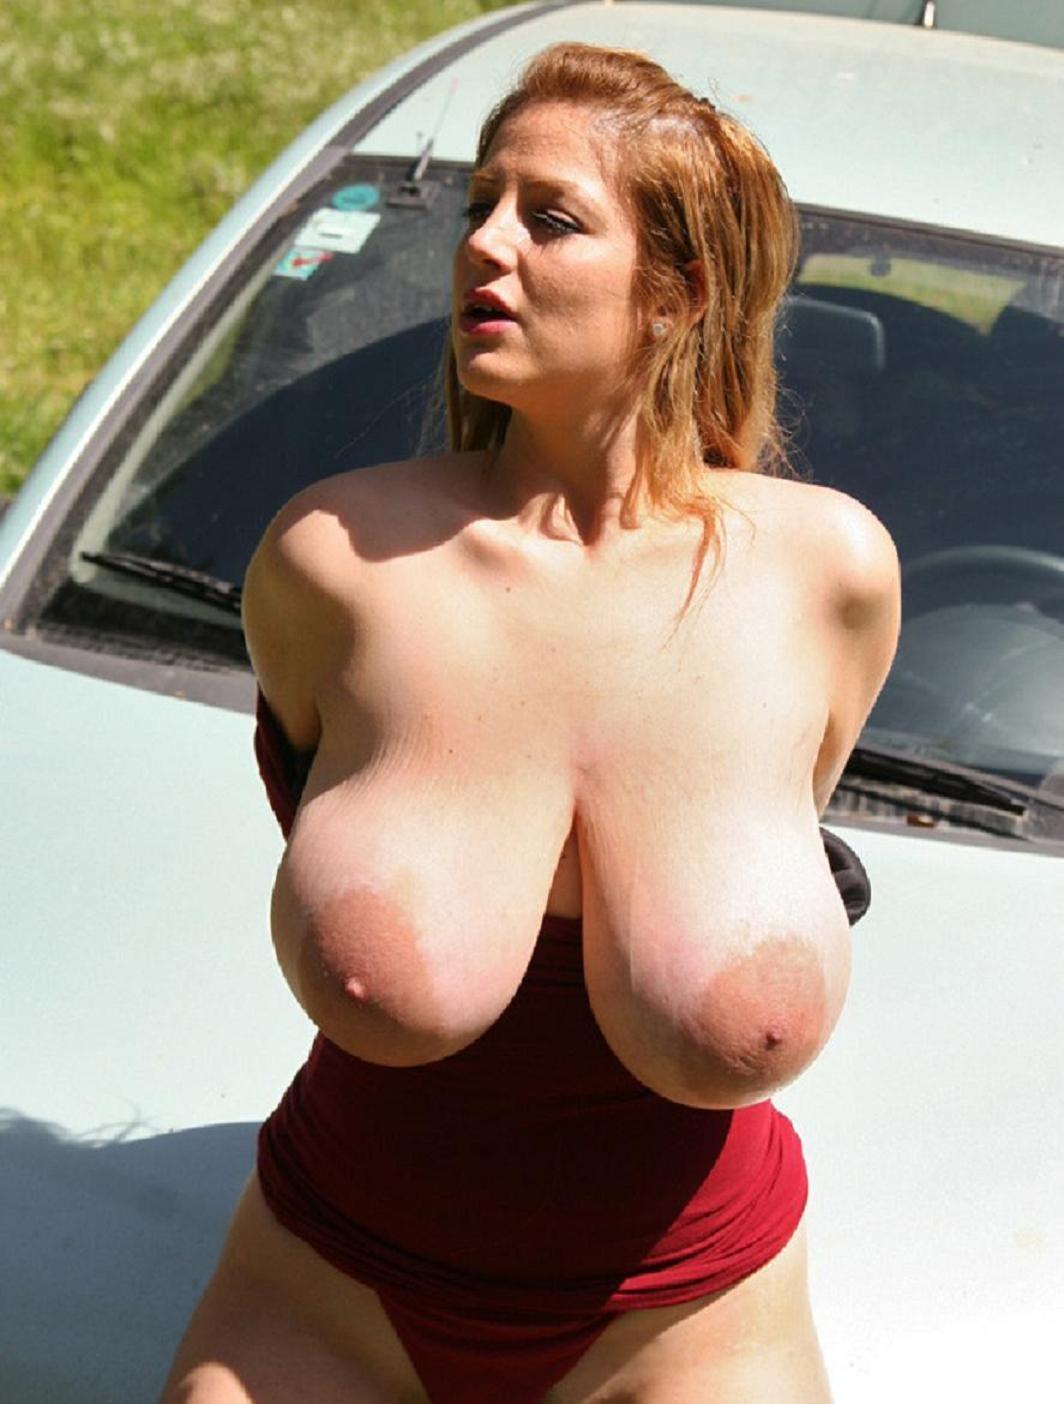 Big Tits Russian Babe Pics